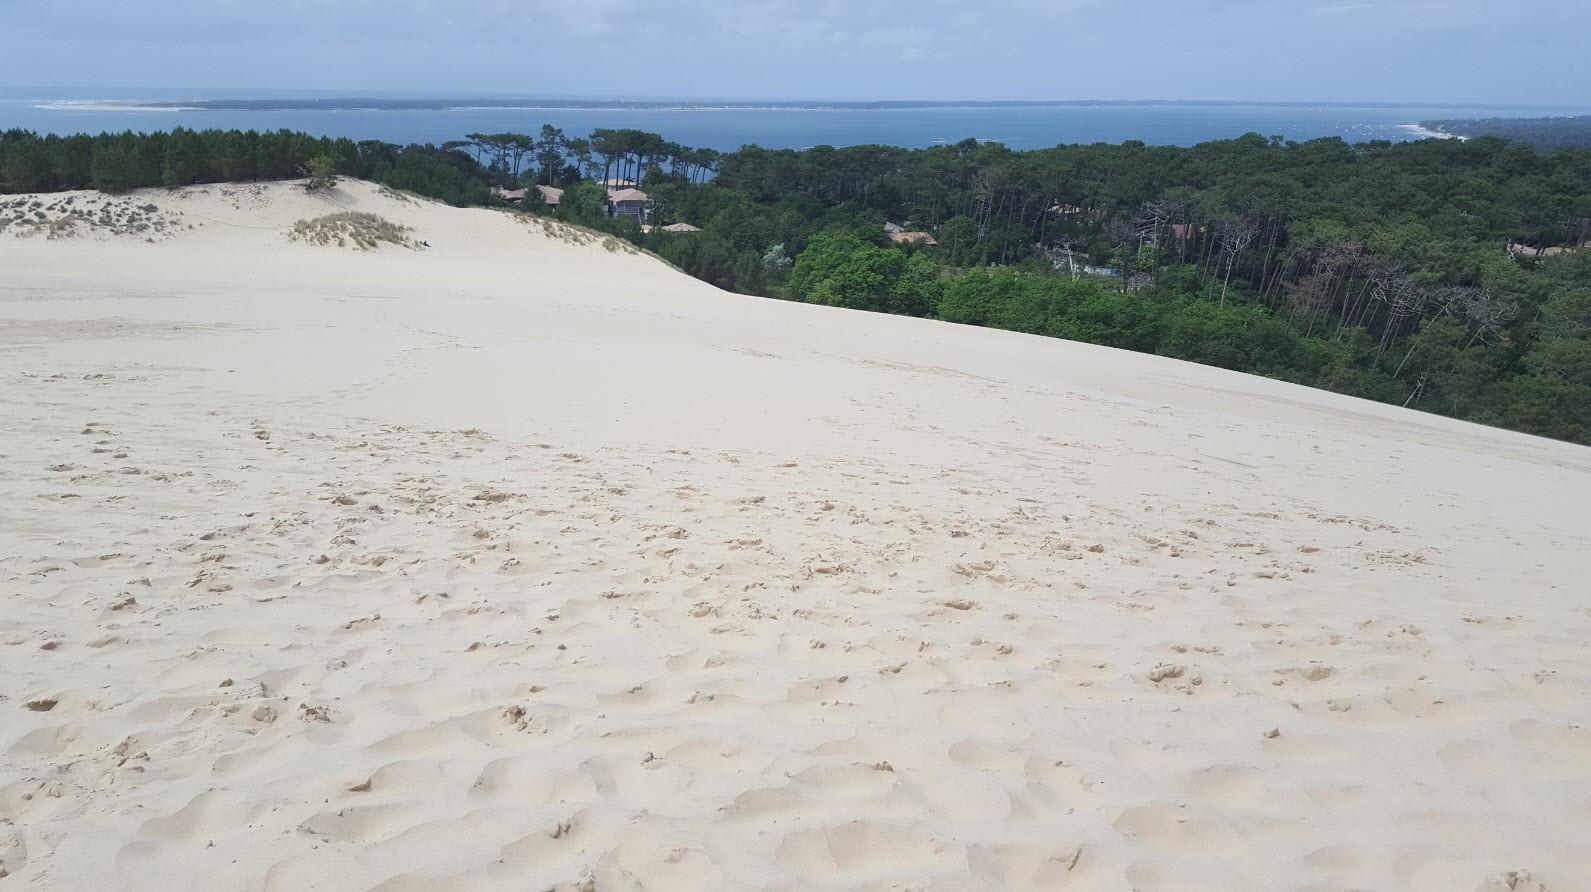 Hotel dune du pila la coorniche htel restaurant sur la dune du pilat bordeaux u burgundy - Hotel dune du pilat ...